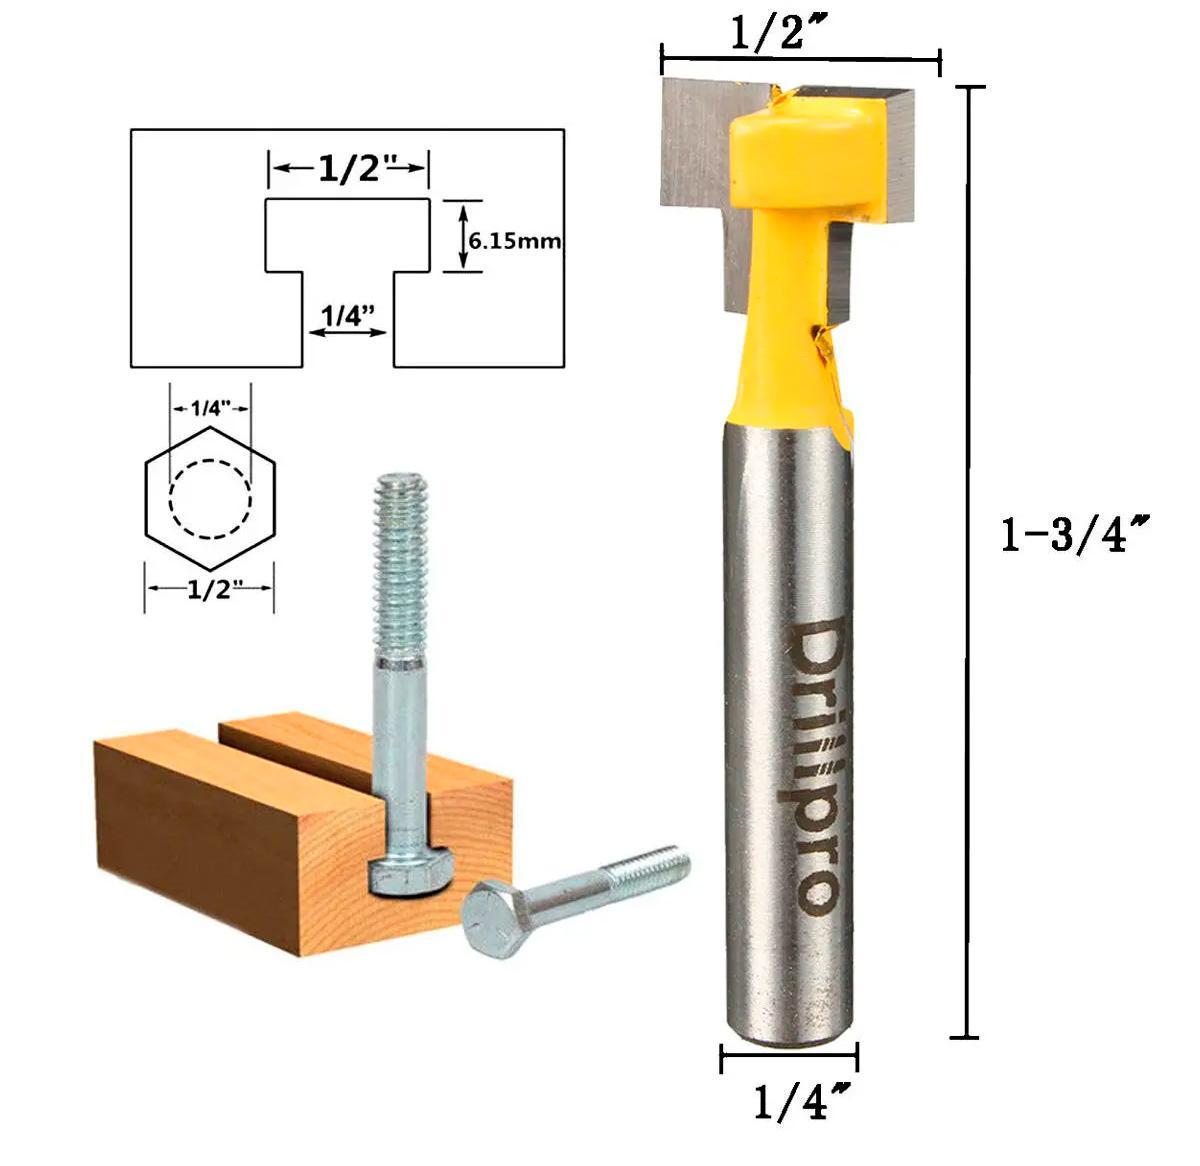 t-slot measurements